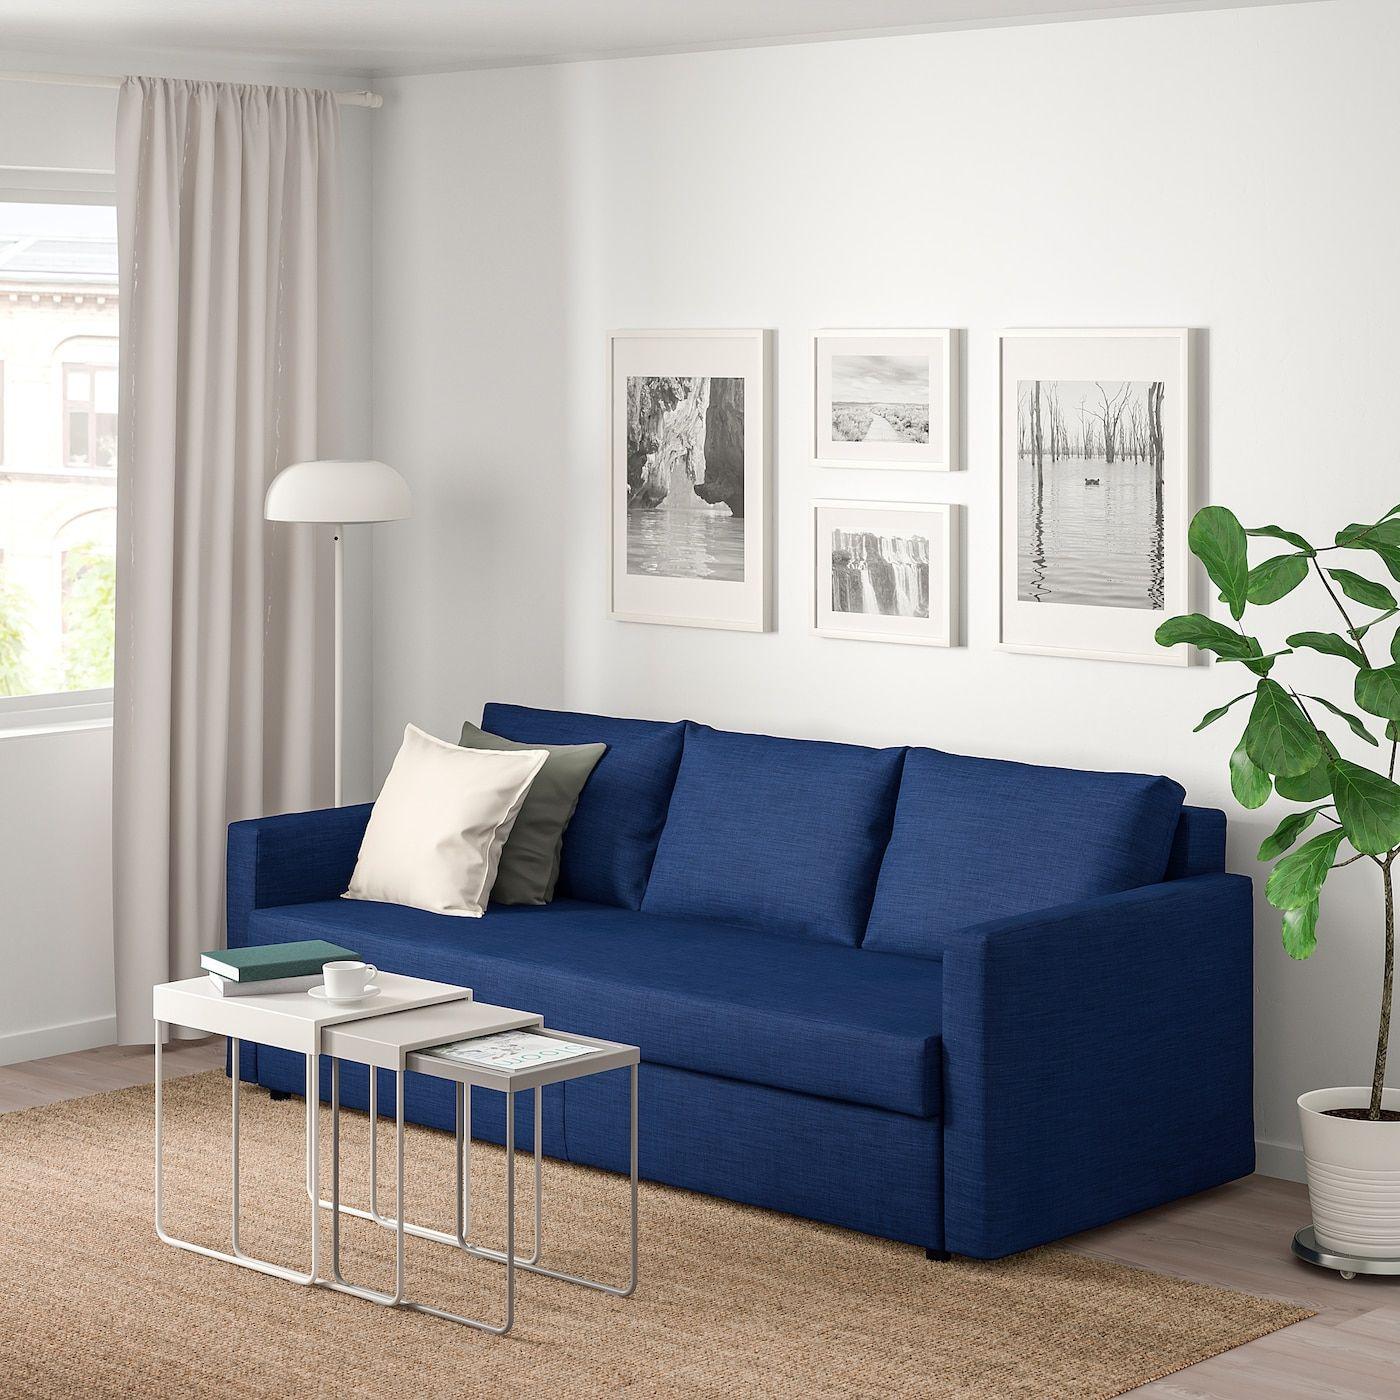 Friheten Sofabed Skiftebo Blue Ikea Corner Sofa Bed With Storage Corner Sofa Bed Ikea Bed